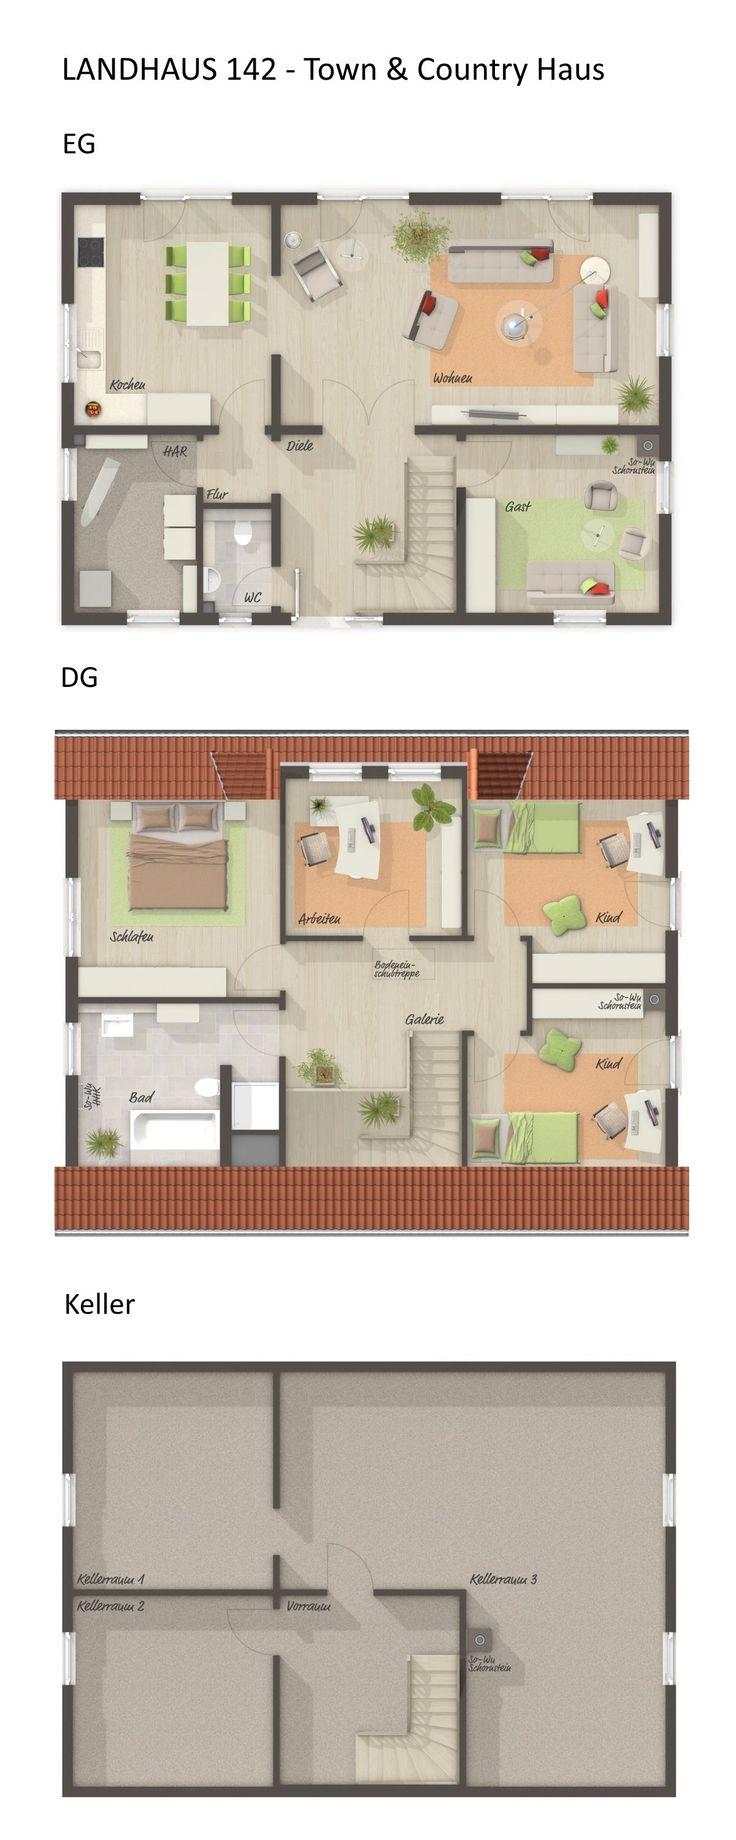 Einfamilienhaus Grundriss rechteckig mit Satteldach Architektur & Gaube – 6 Zimmer, 140 qm, Erdgeschoss offen mit Büro, Obergeschoss 3 Kinderzimmer, …